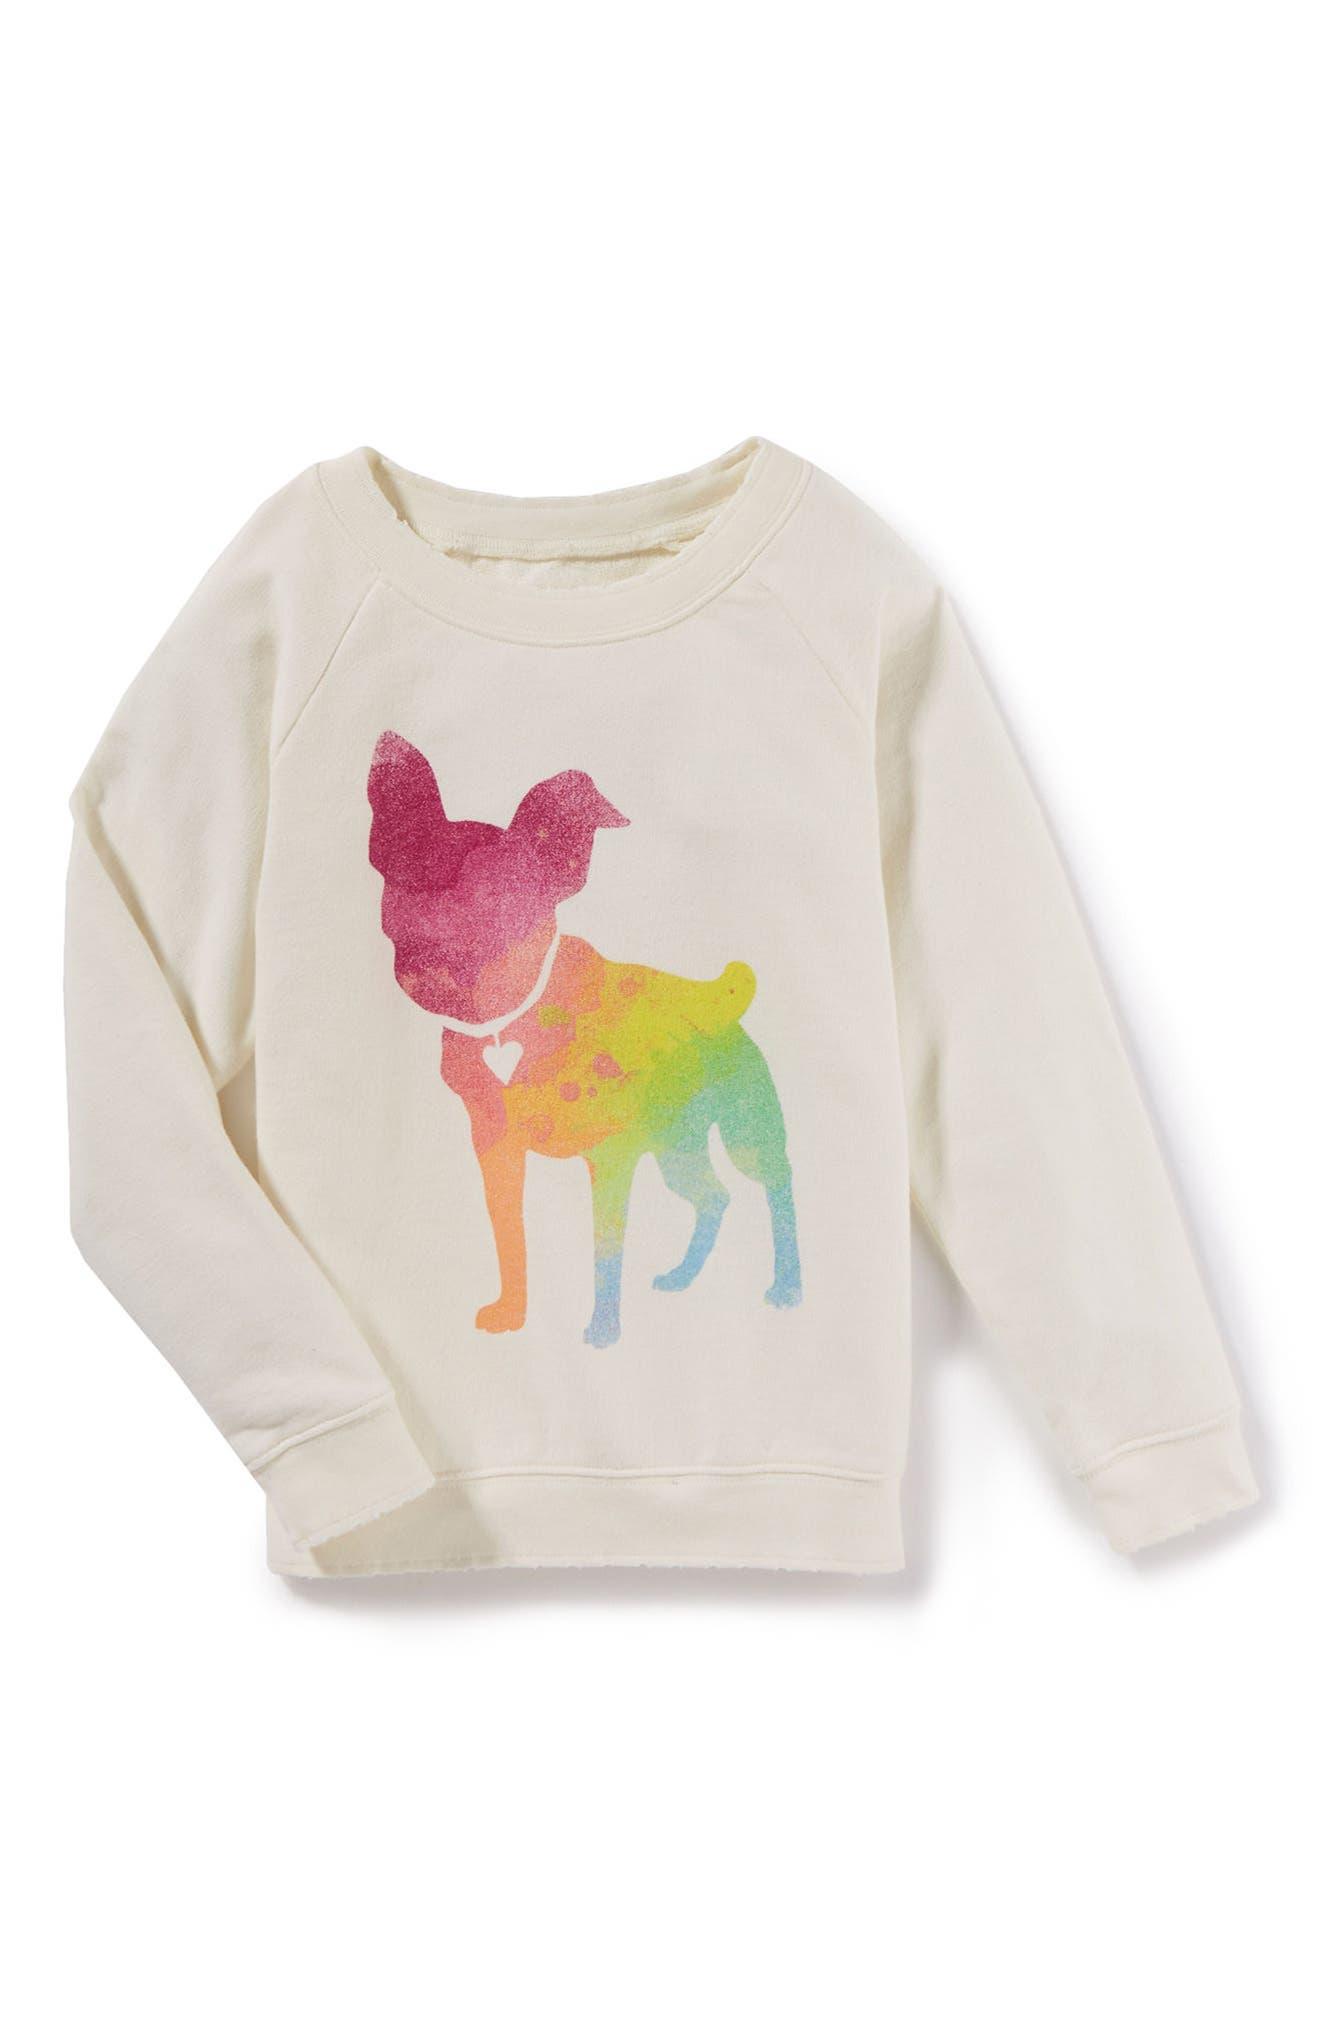 Colette Graphic Sweatshirt,                             Main thumbnail 1, color,                             900